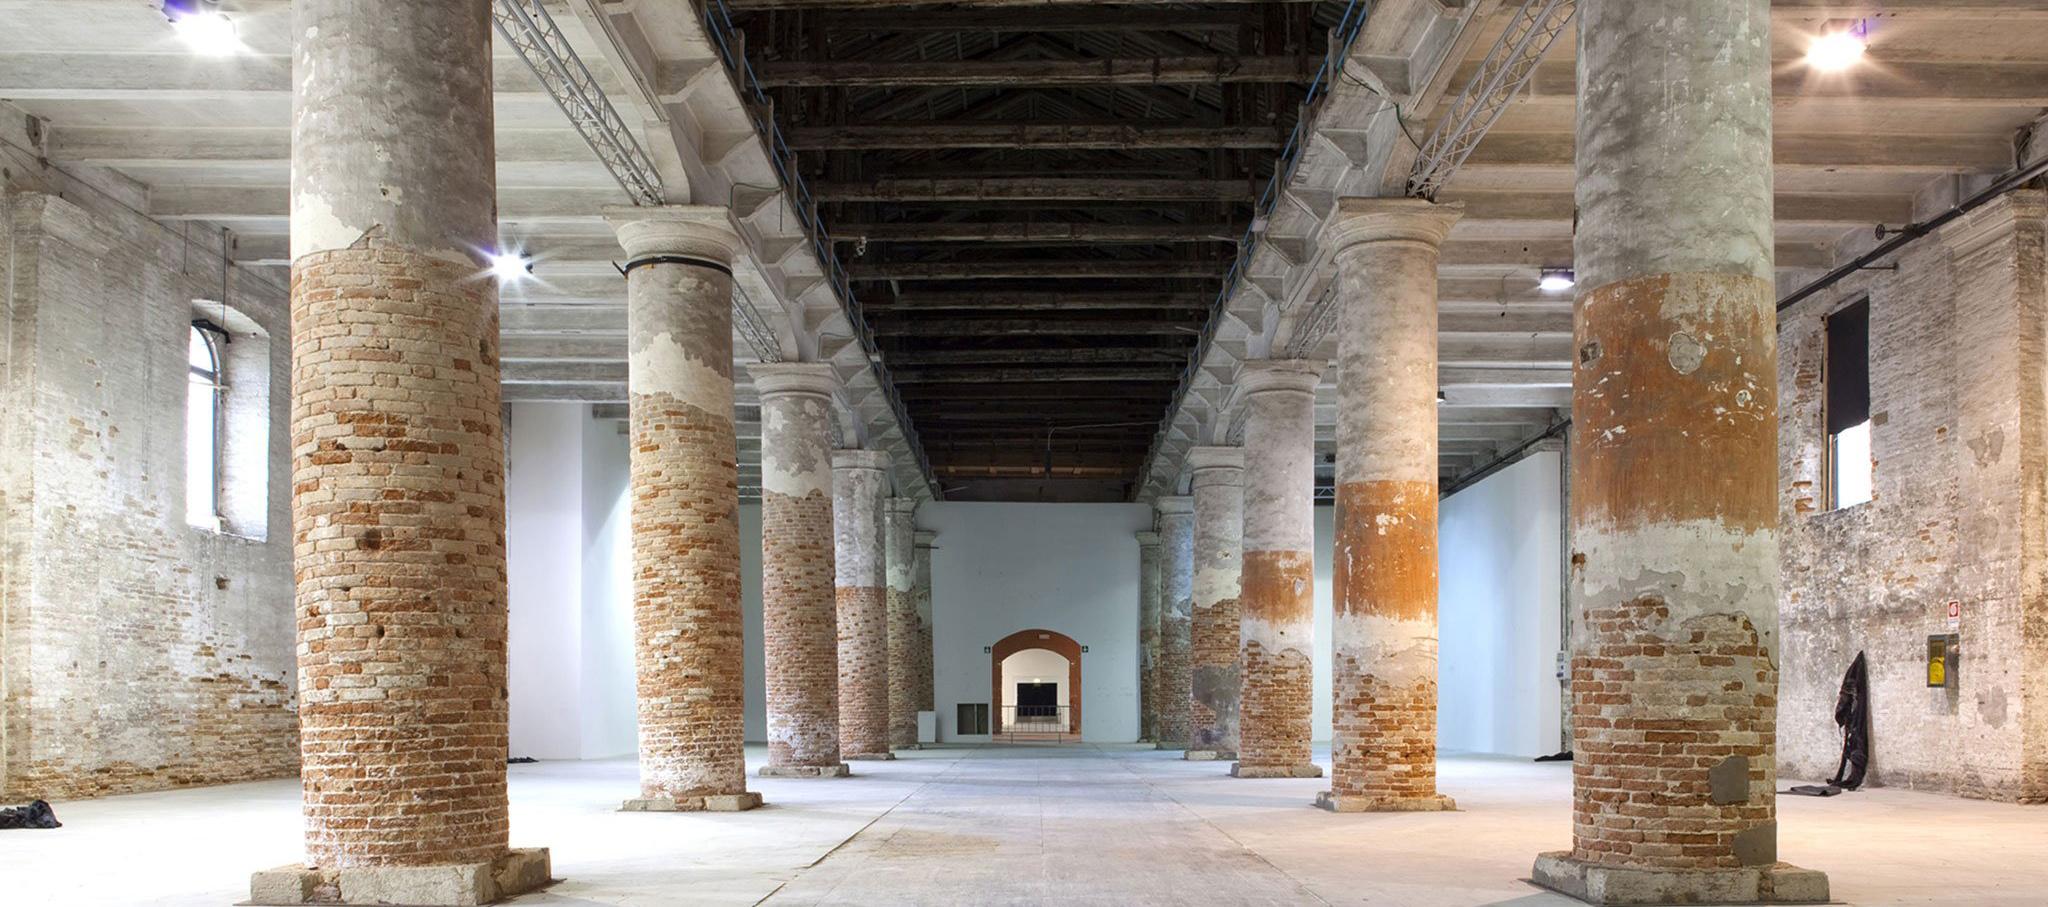 Venice Biennale Corderie Arsenale, Venecia. Fotografía © Giulio Squillacciotti. Imagen cortesía de La Biennale di Venezia